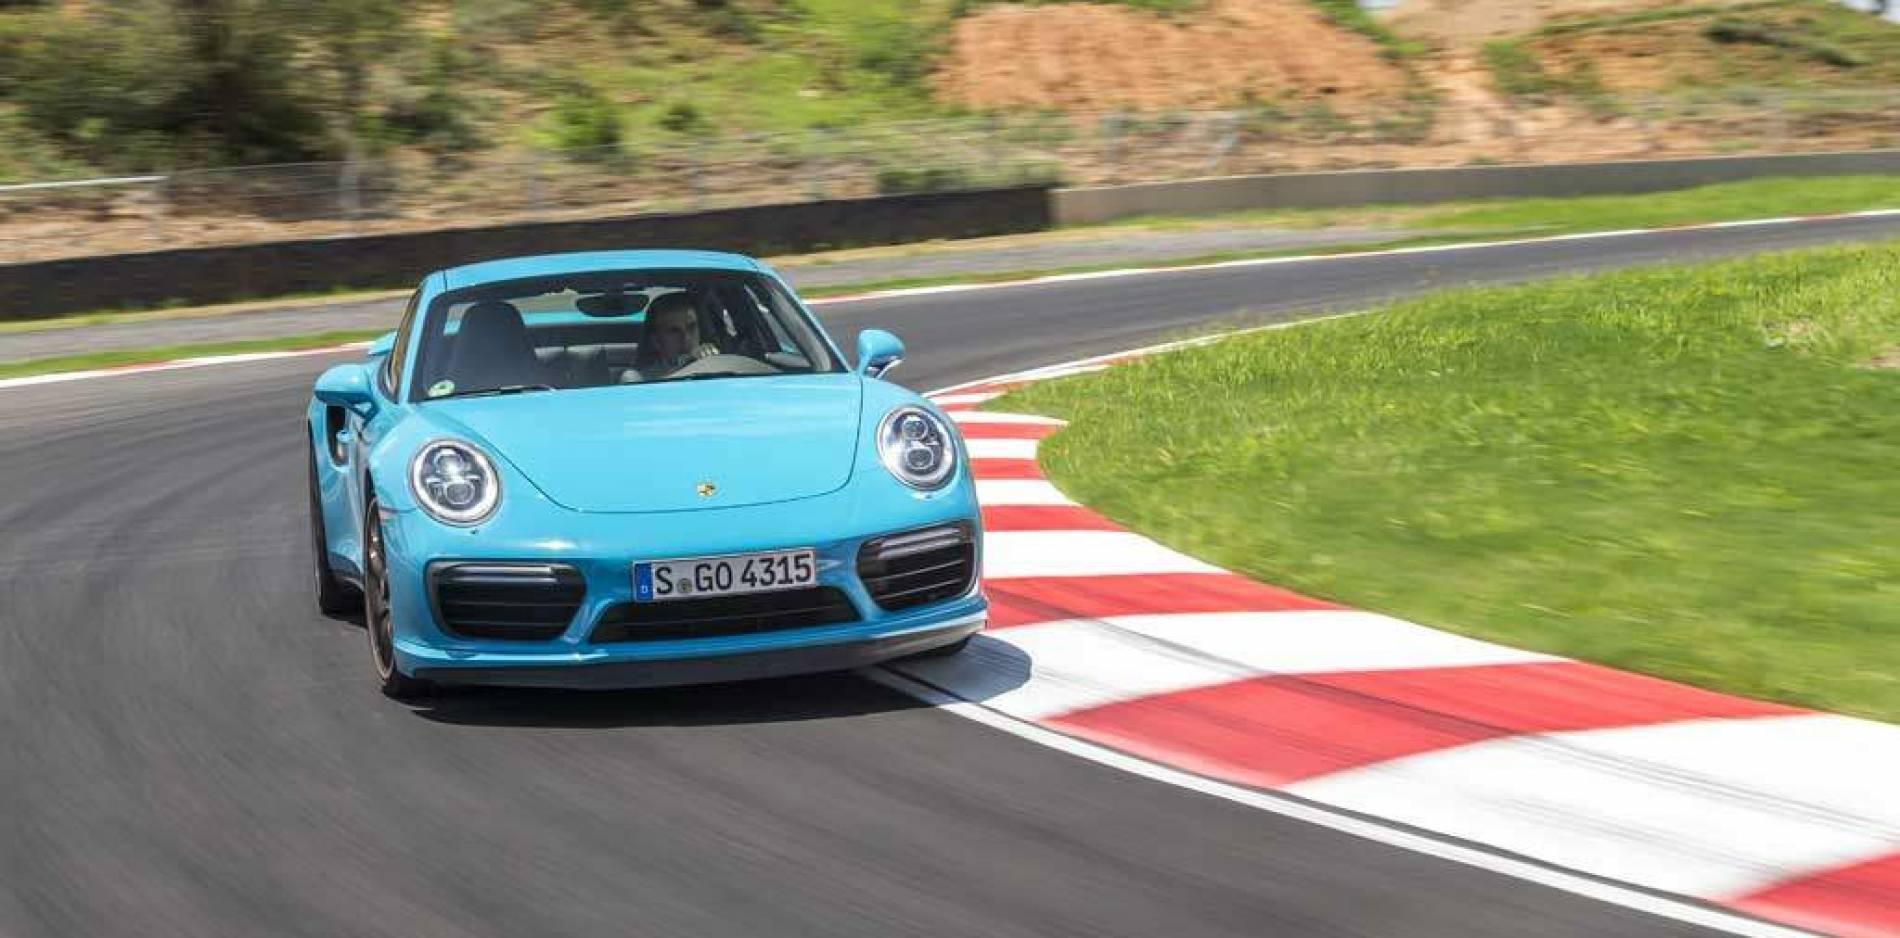 Contacto: nuevos Porsche 911 Turbo y Turbo S